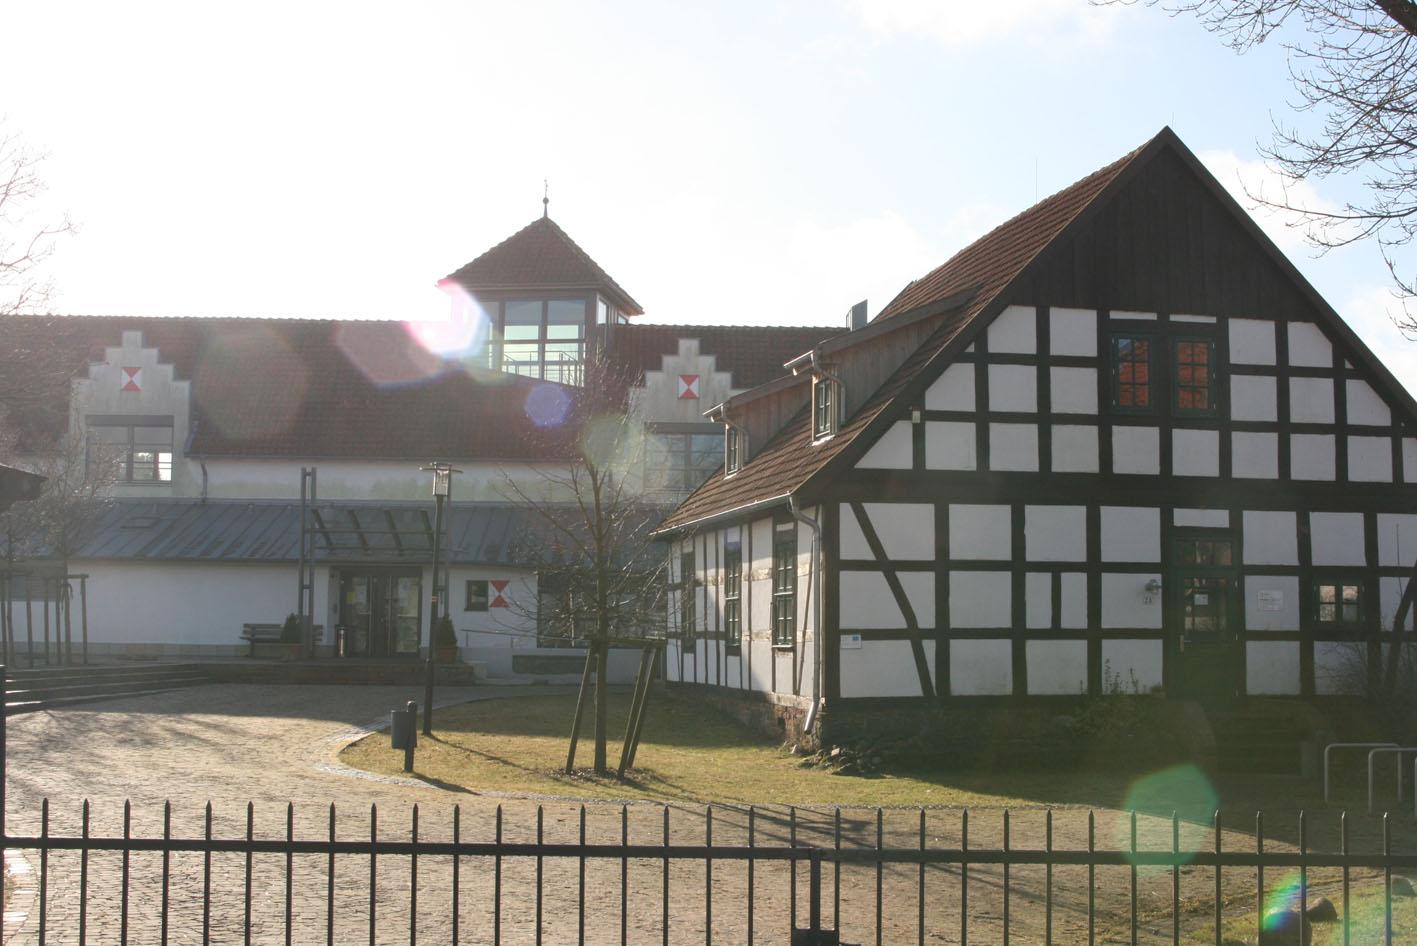 Eingang zum Burghof / Bild: Reiner Dittmers